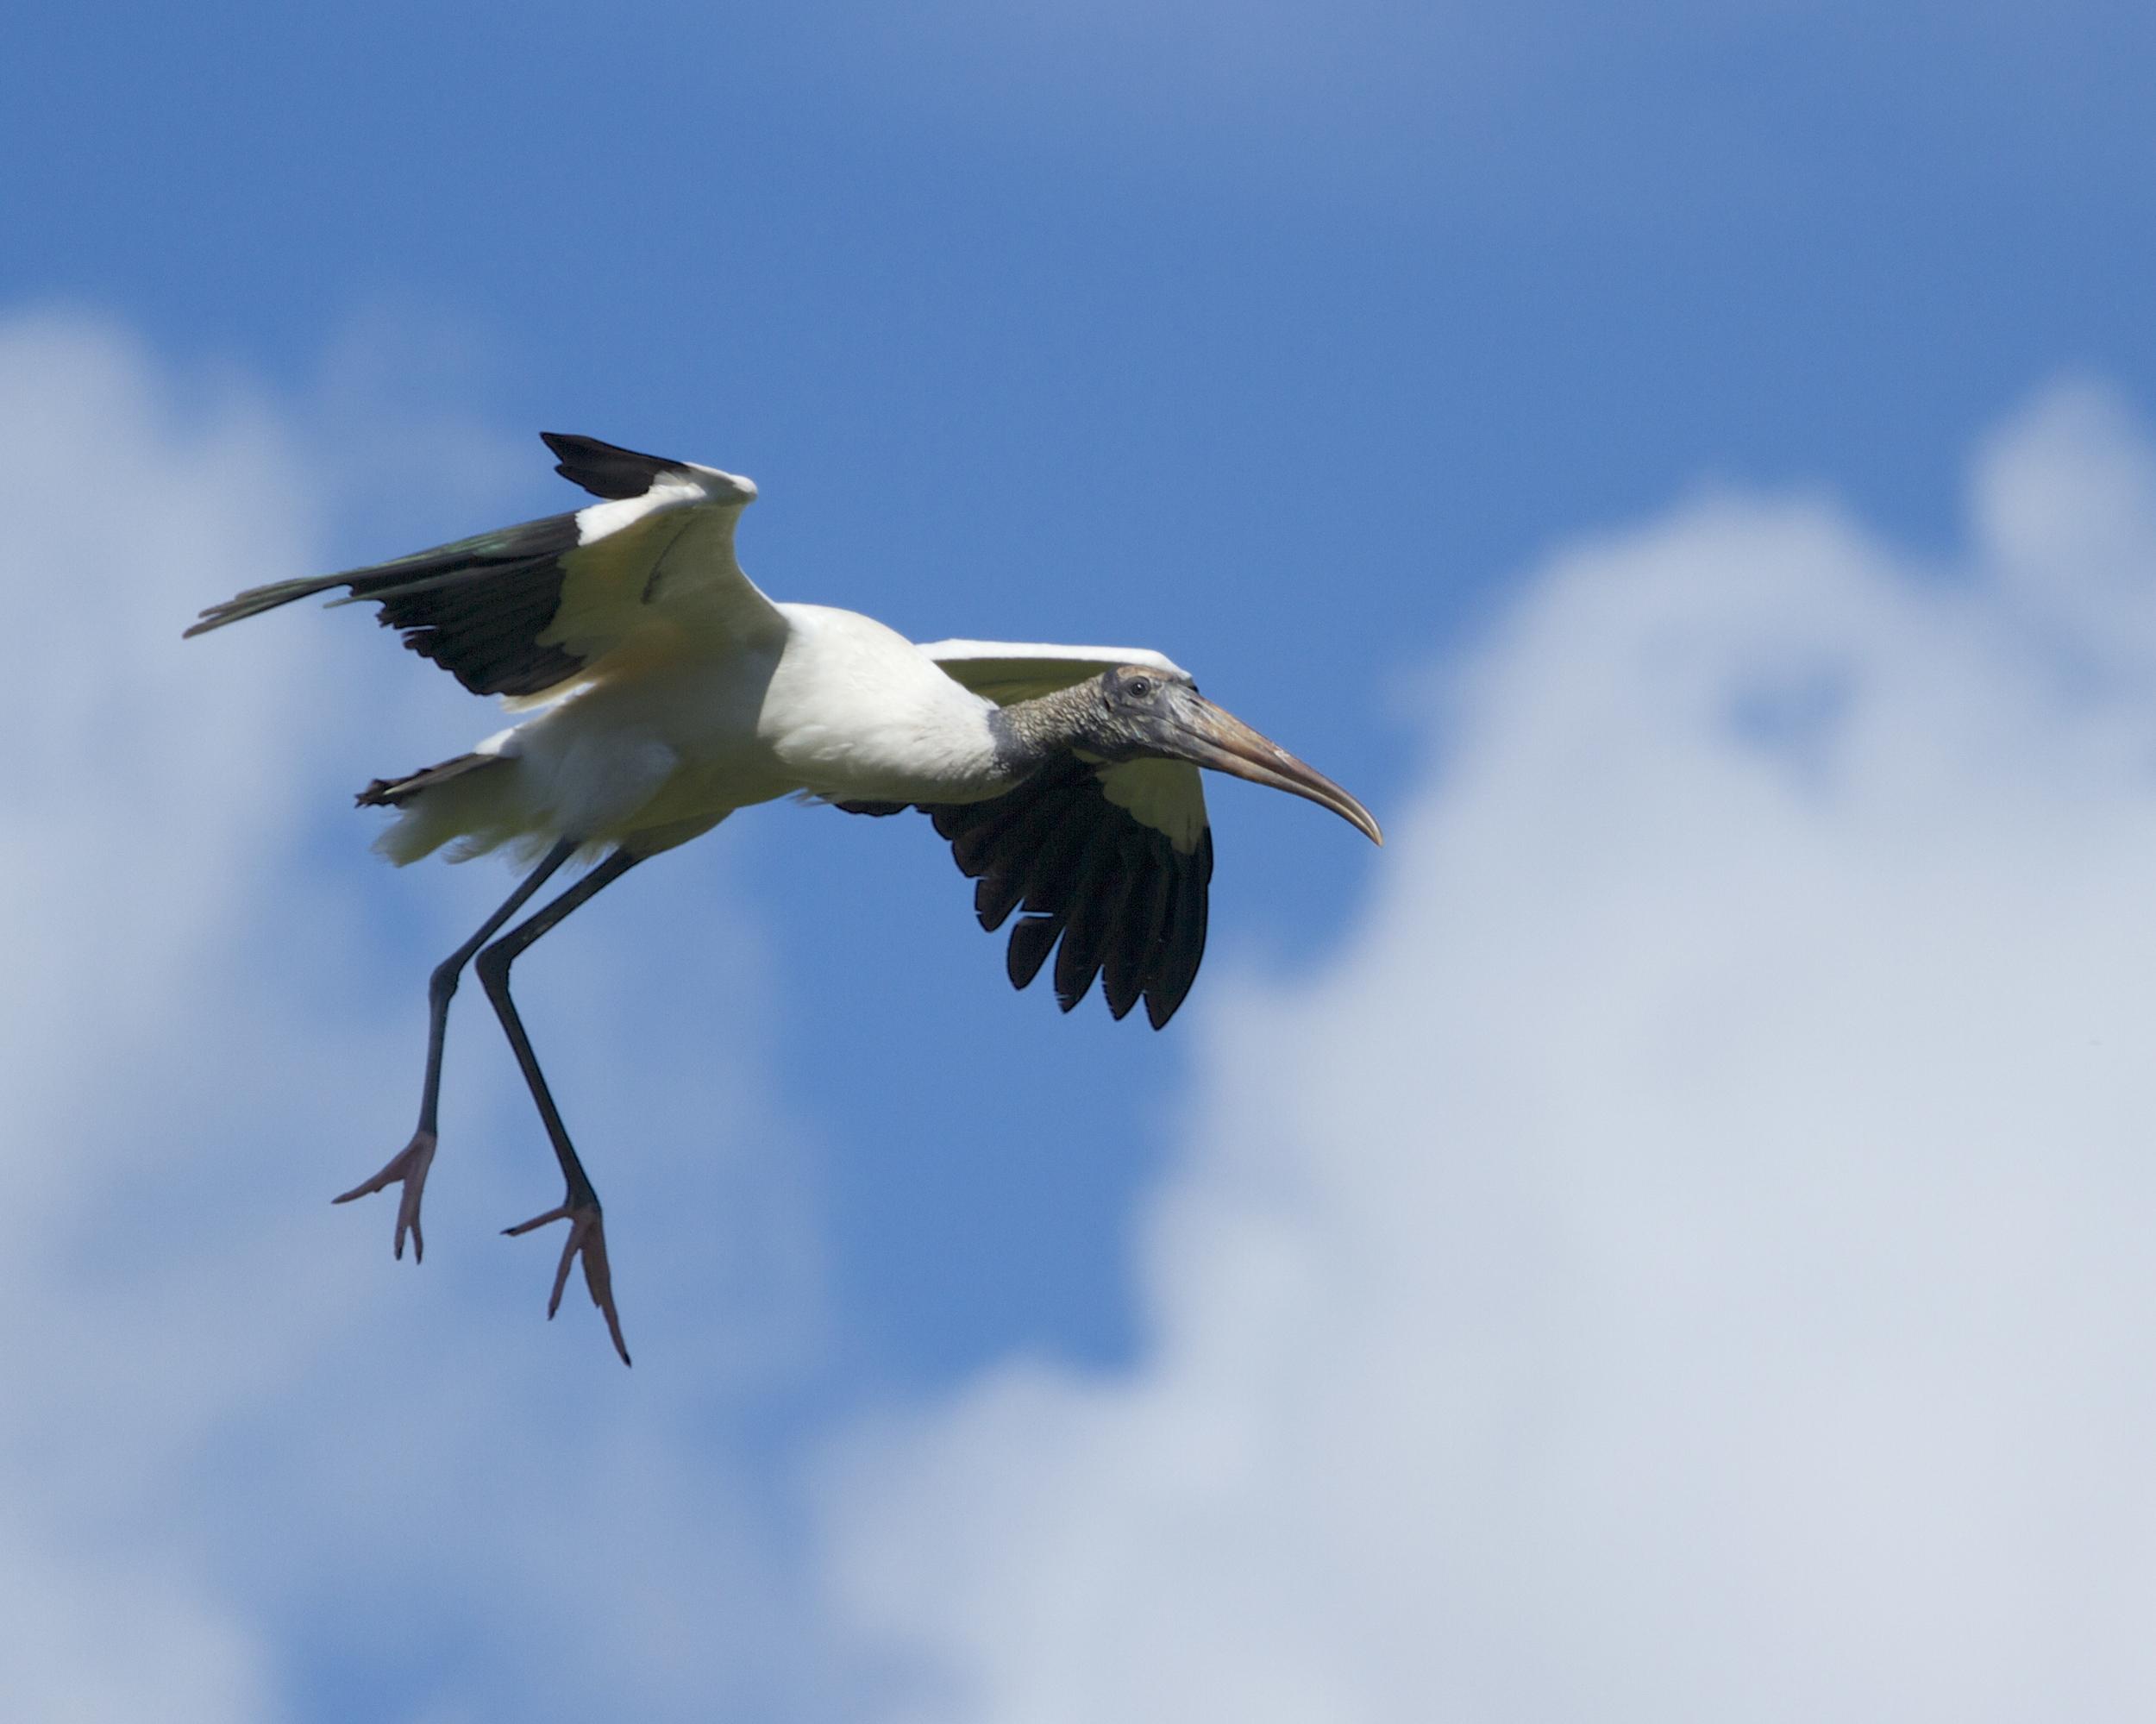 Adult Woodstork glides in for a landing.